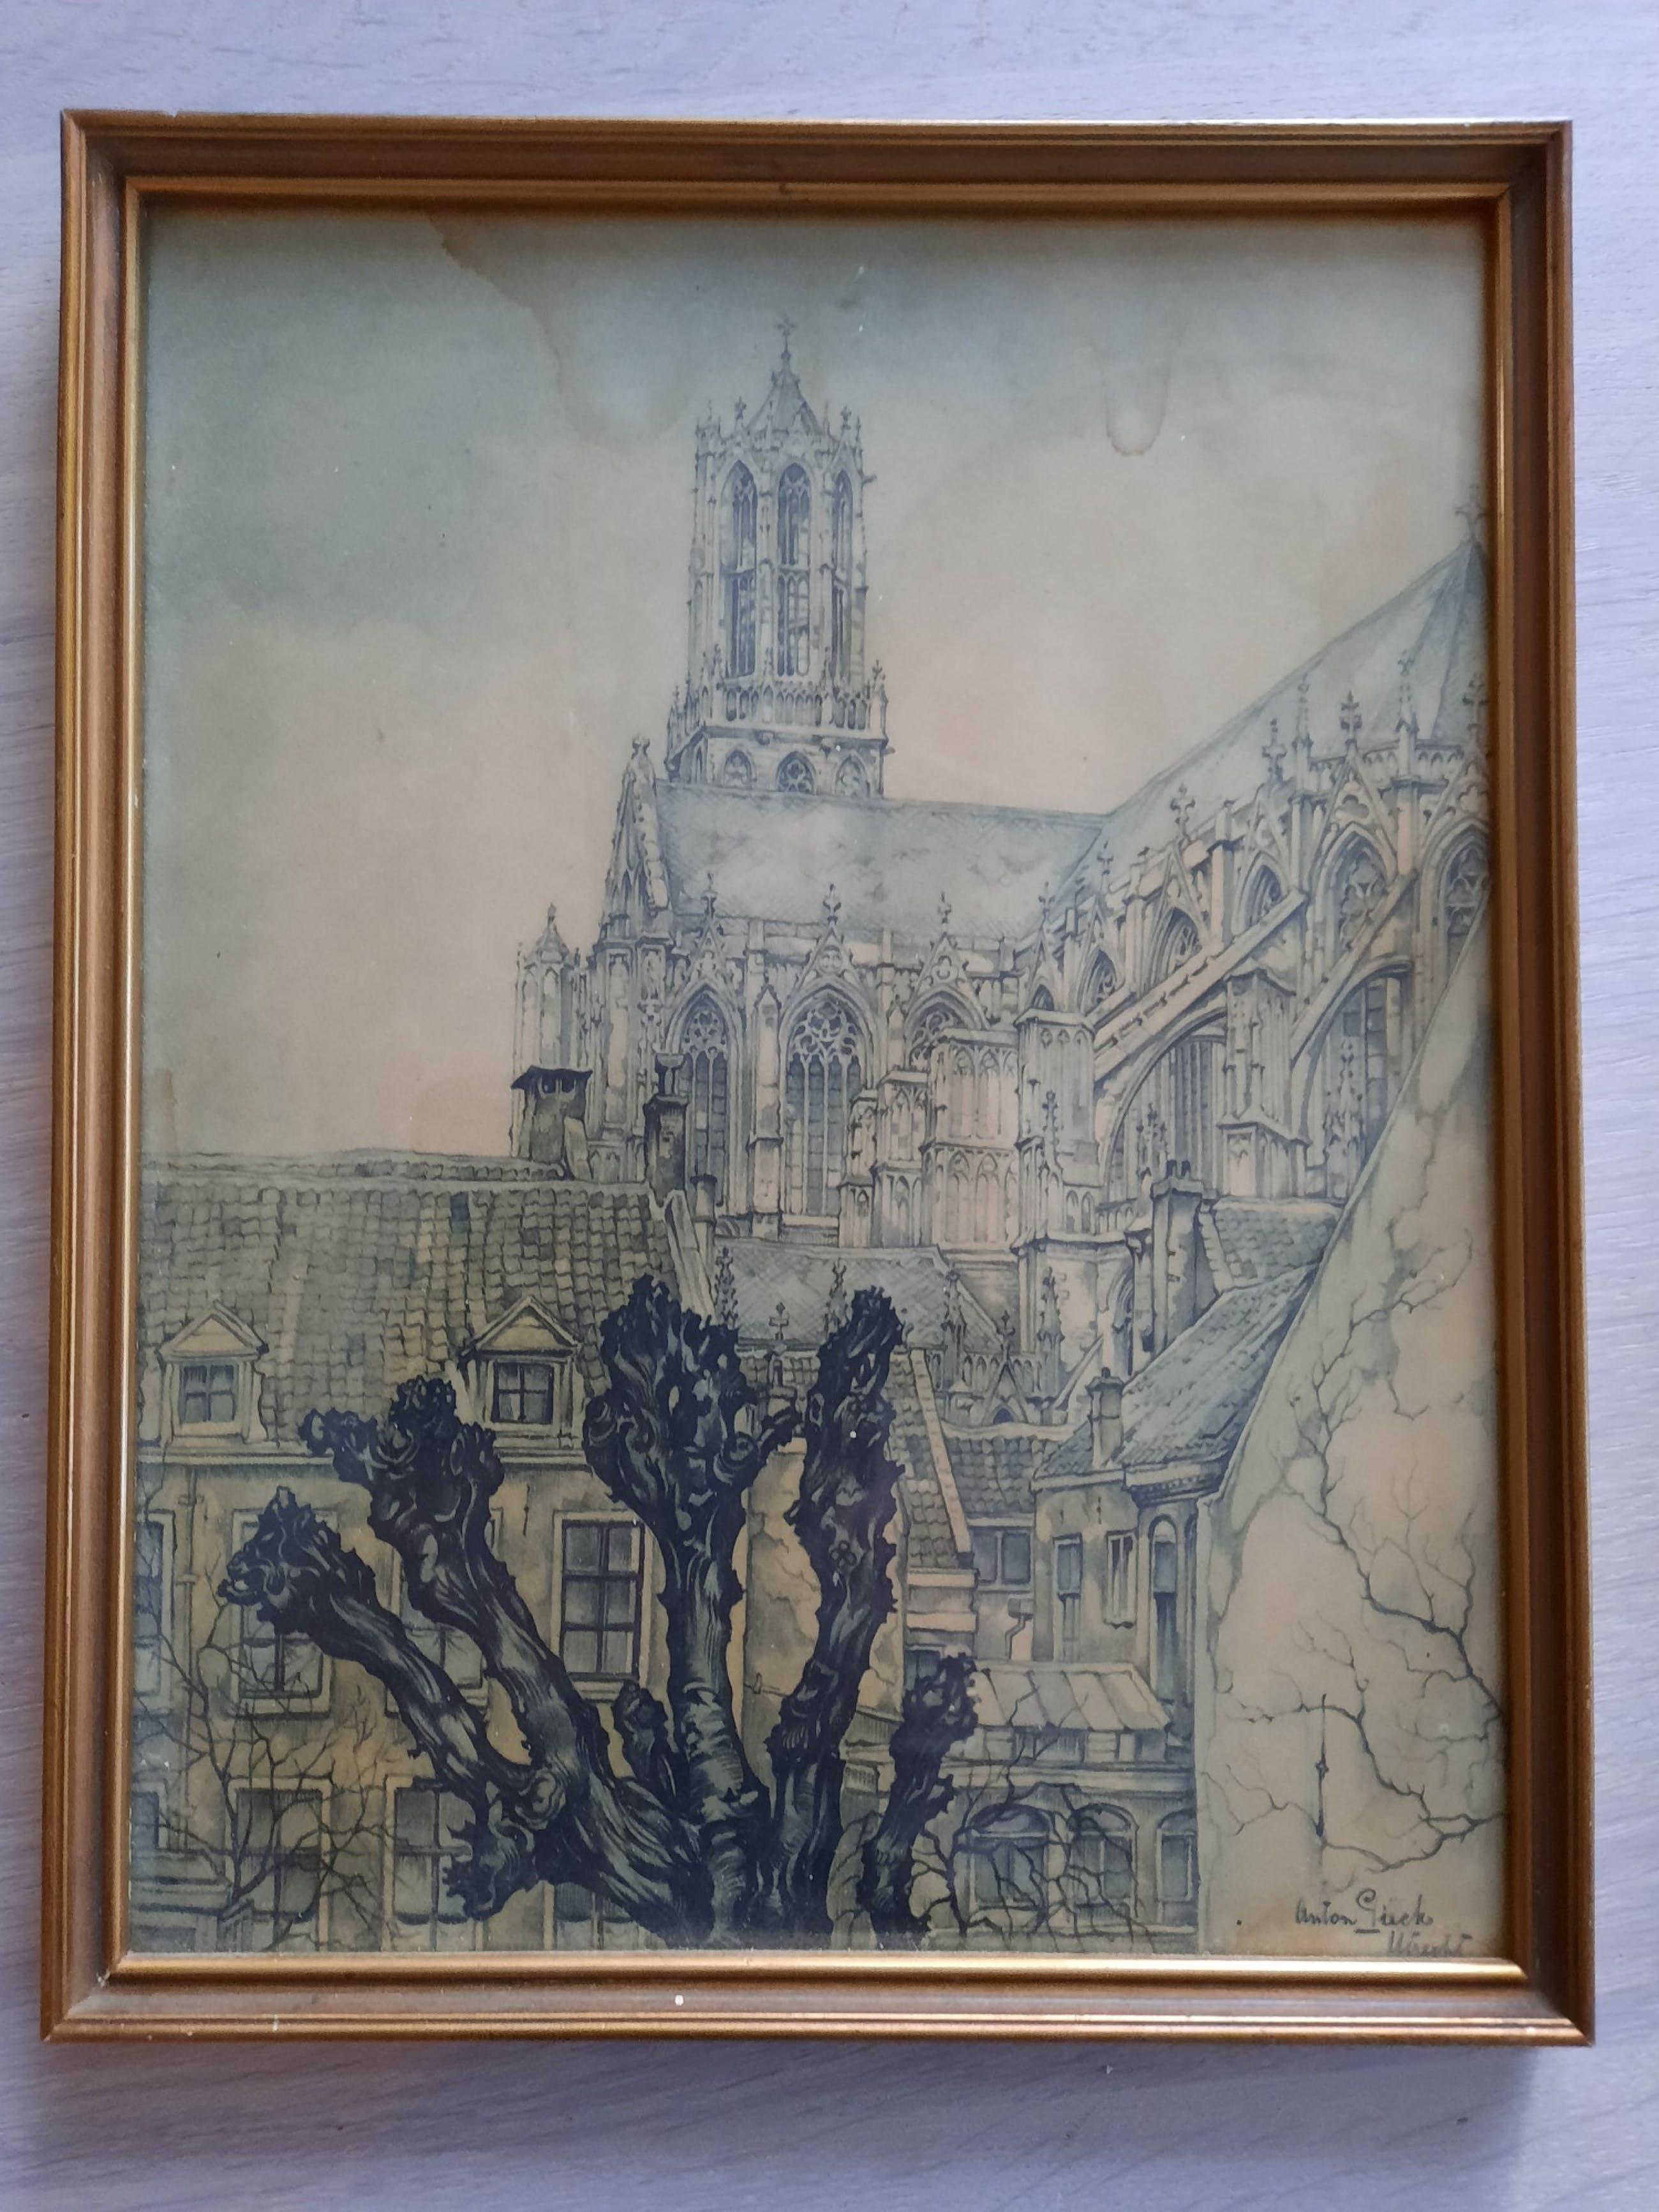 Anton Pieck - Dom Utrecht kopen? Bied vanaf 5!